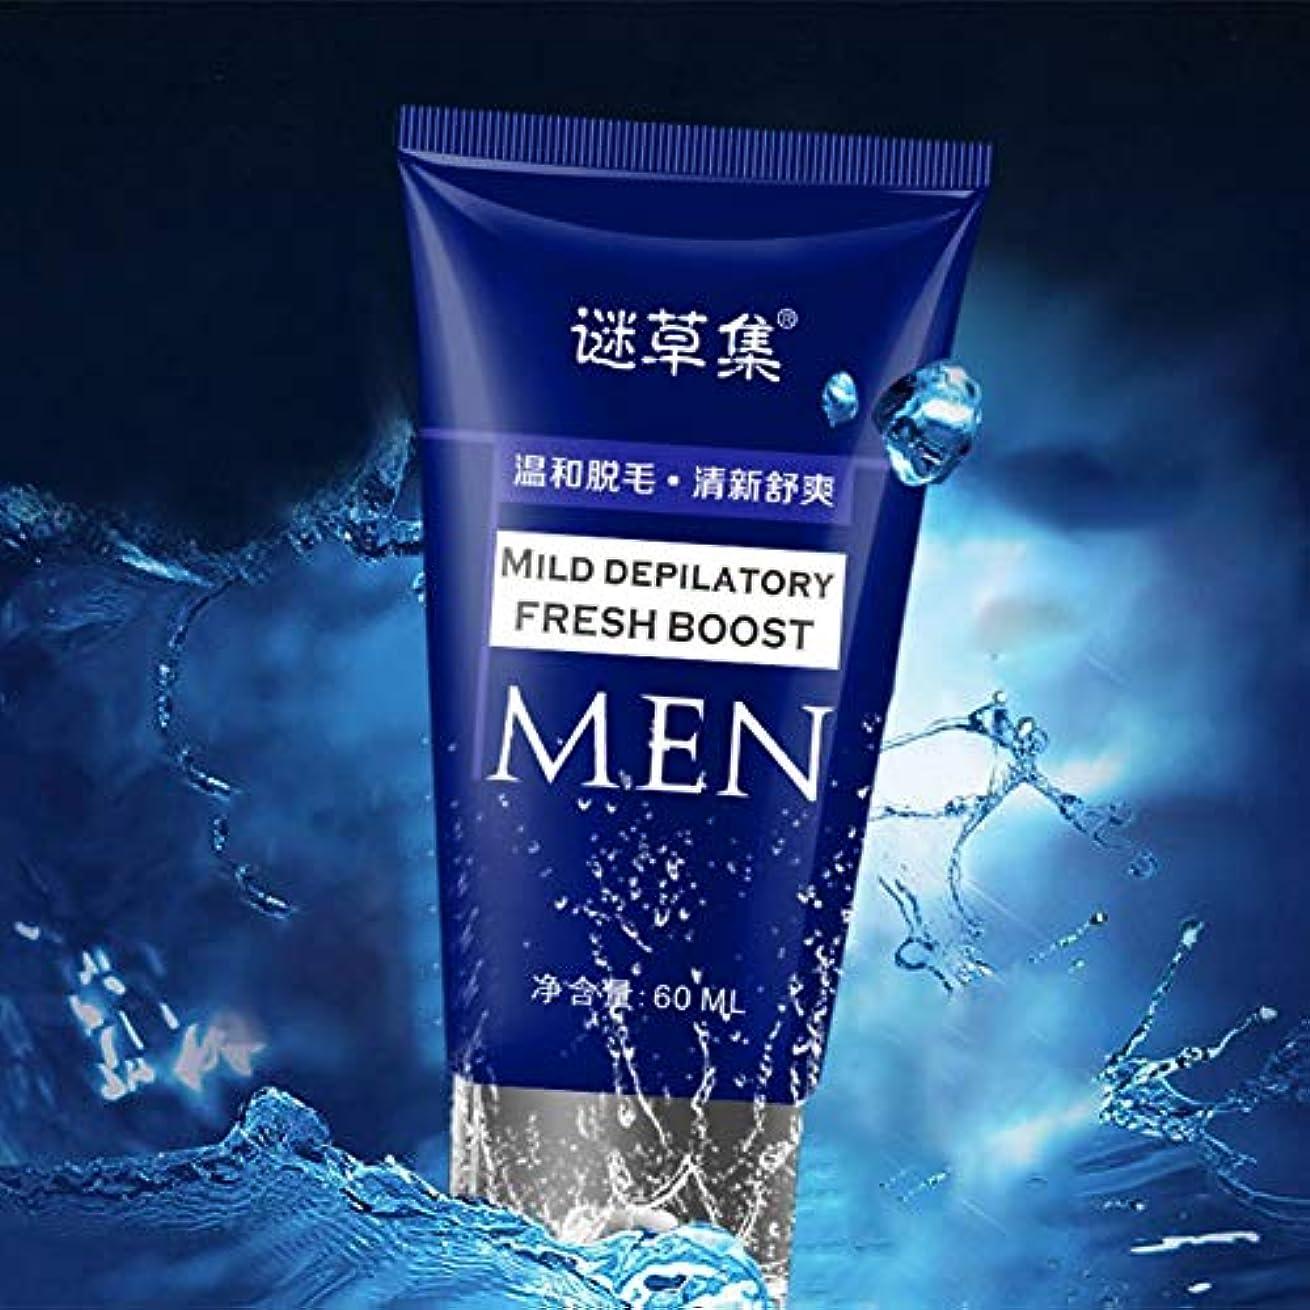 艦隊ヶ月目グレード60ml 薬用除毛剤 除毛 脱毛クリーム 無痛無害 メンズ 敏感肌用 すべての肌タイプ 使用可能